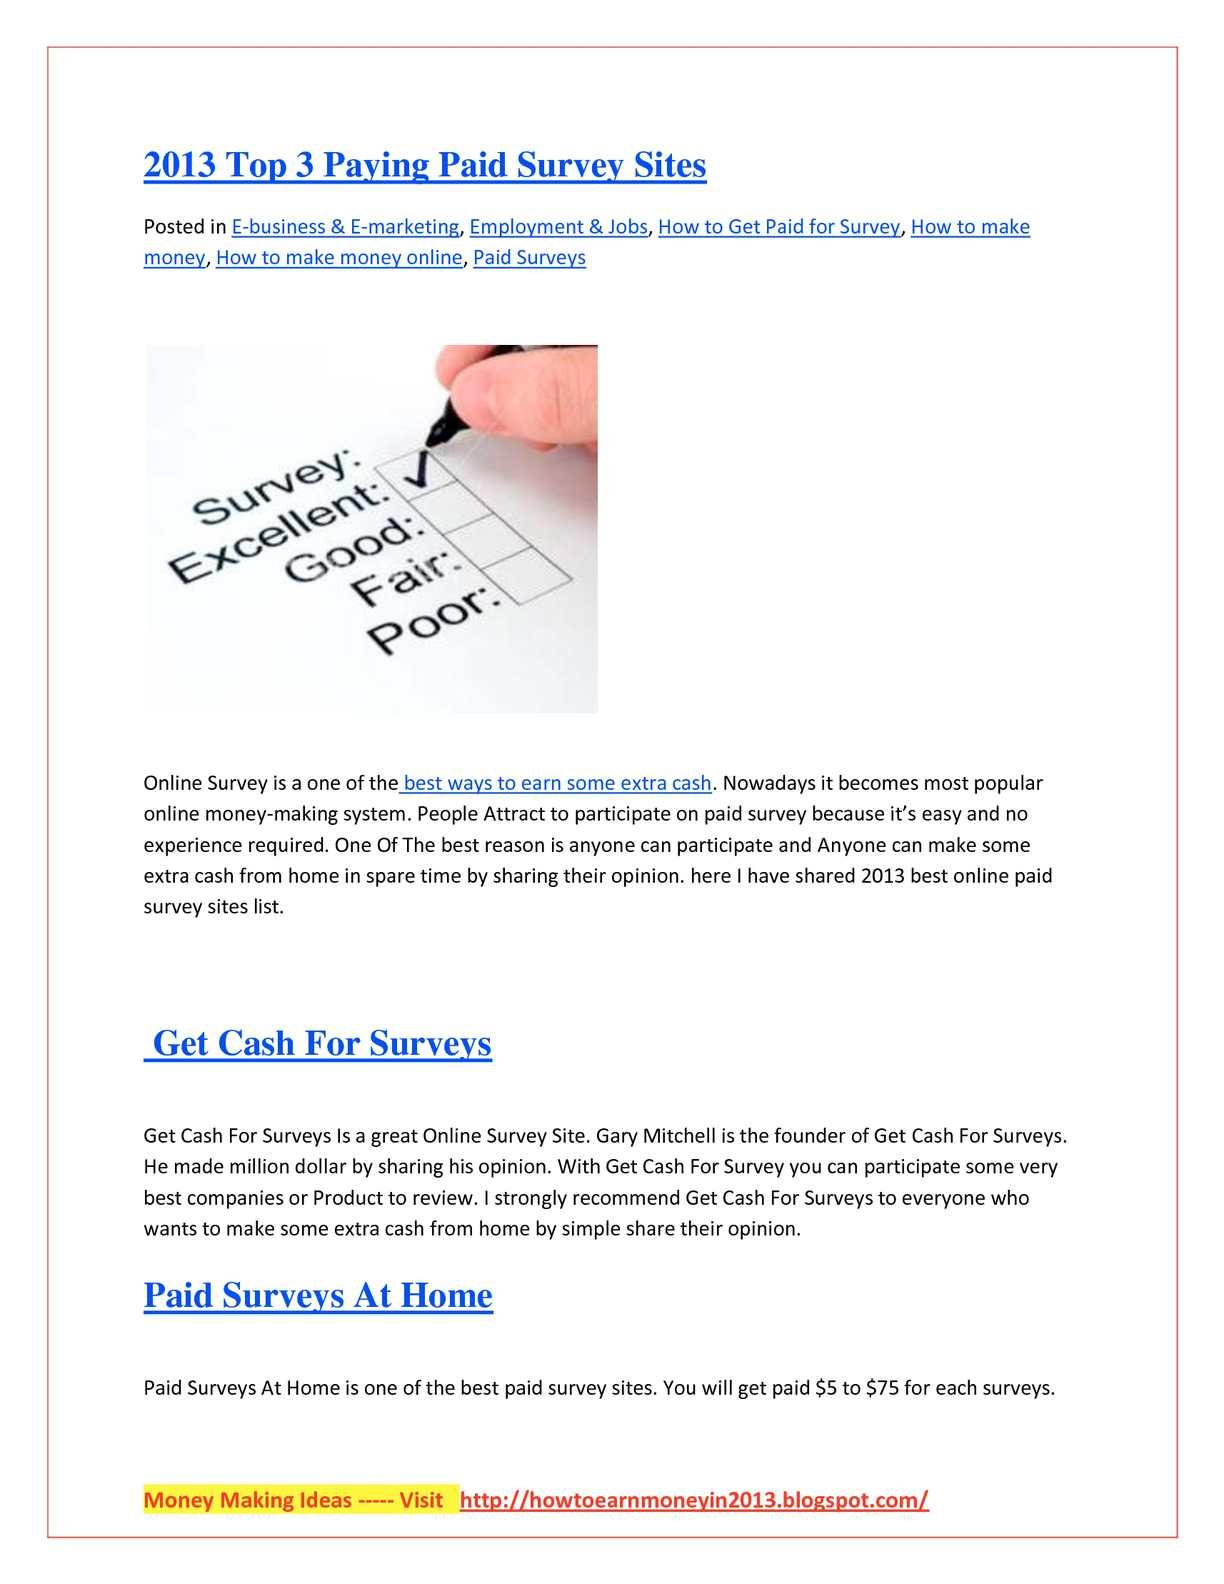 Calaméo - 2013 Top 3 Paying Paid Survey Sites